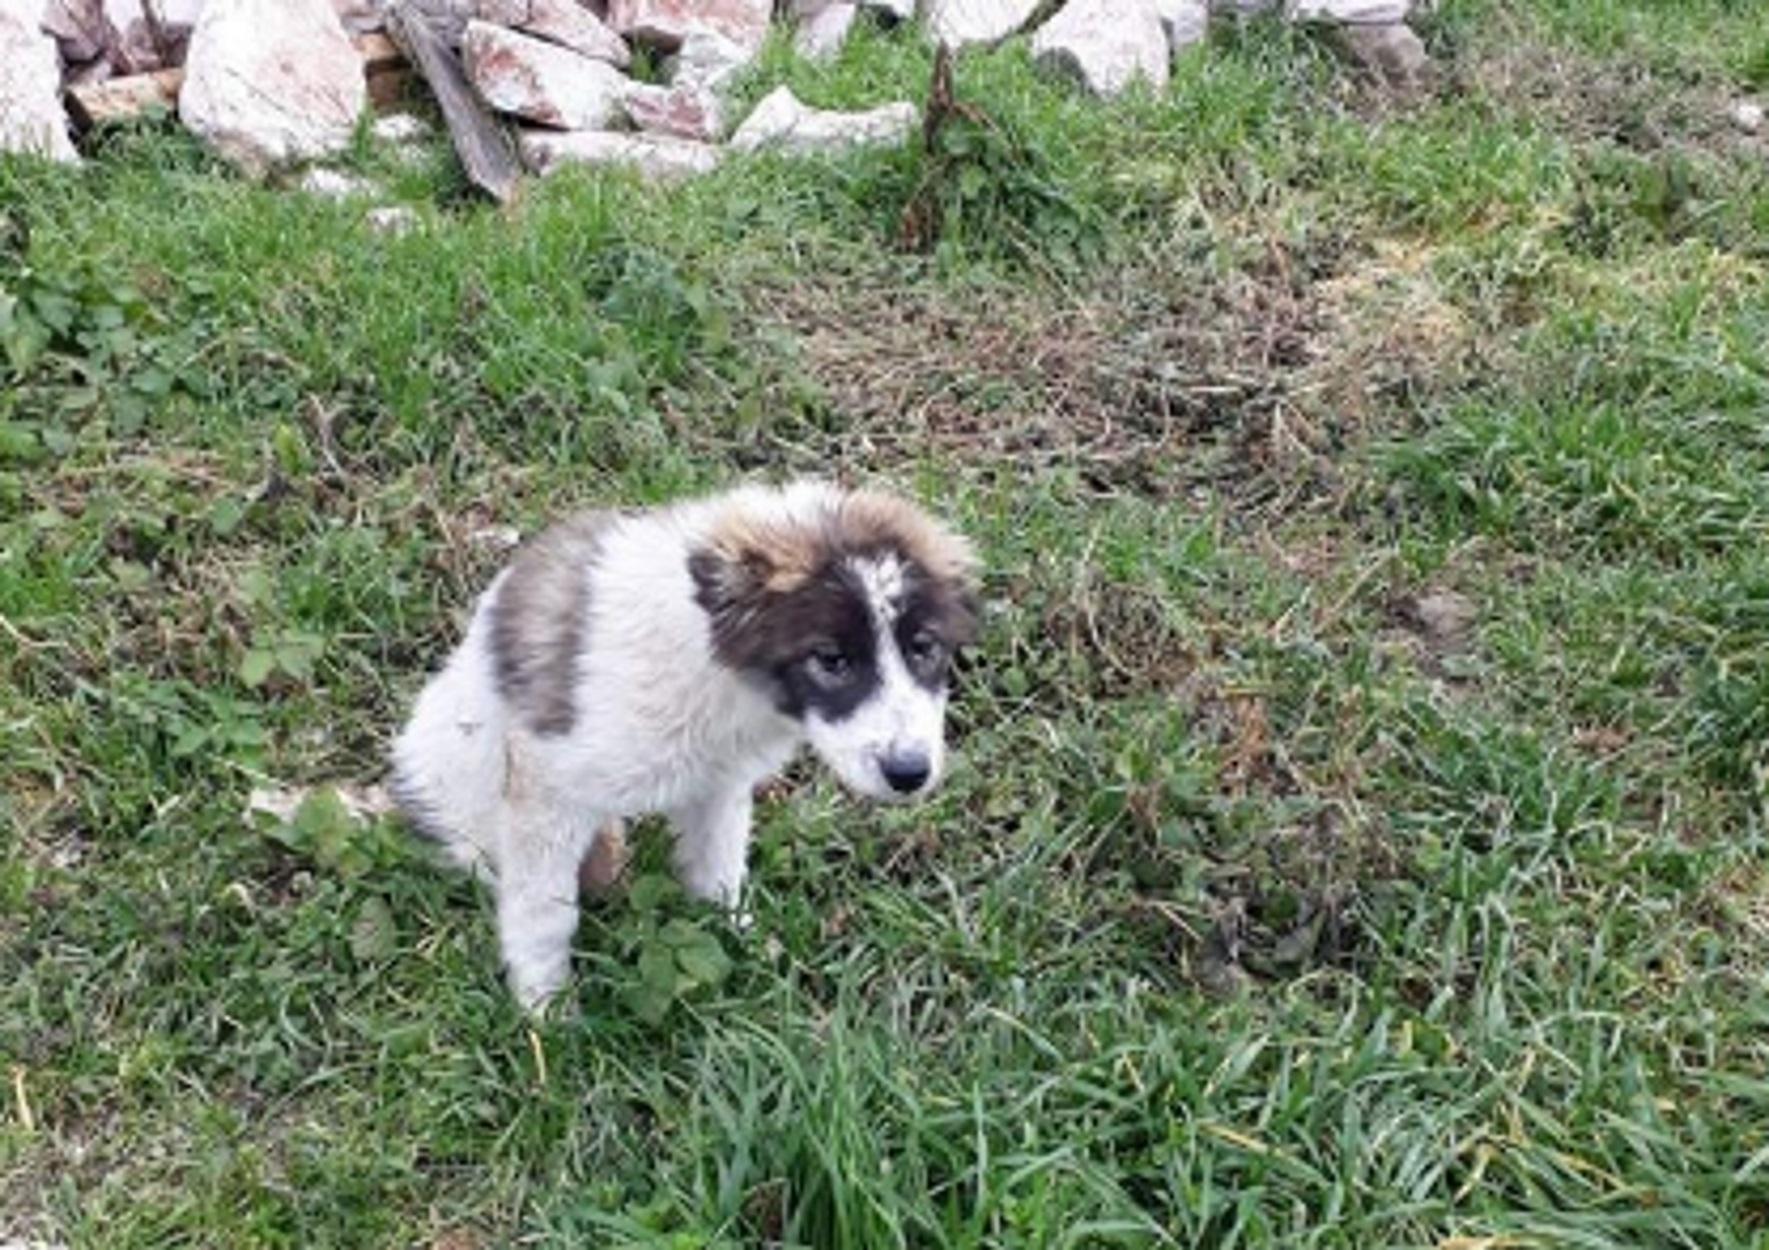 Δομοκός: Απίστευτη βαρβαρότητα με θύμα σκυλάκι